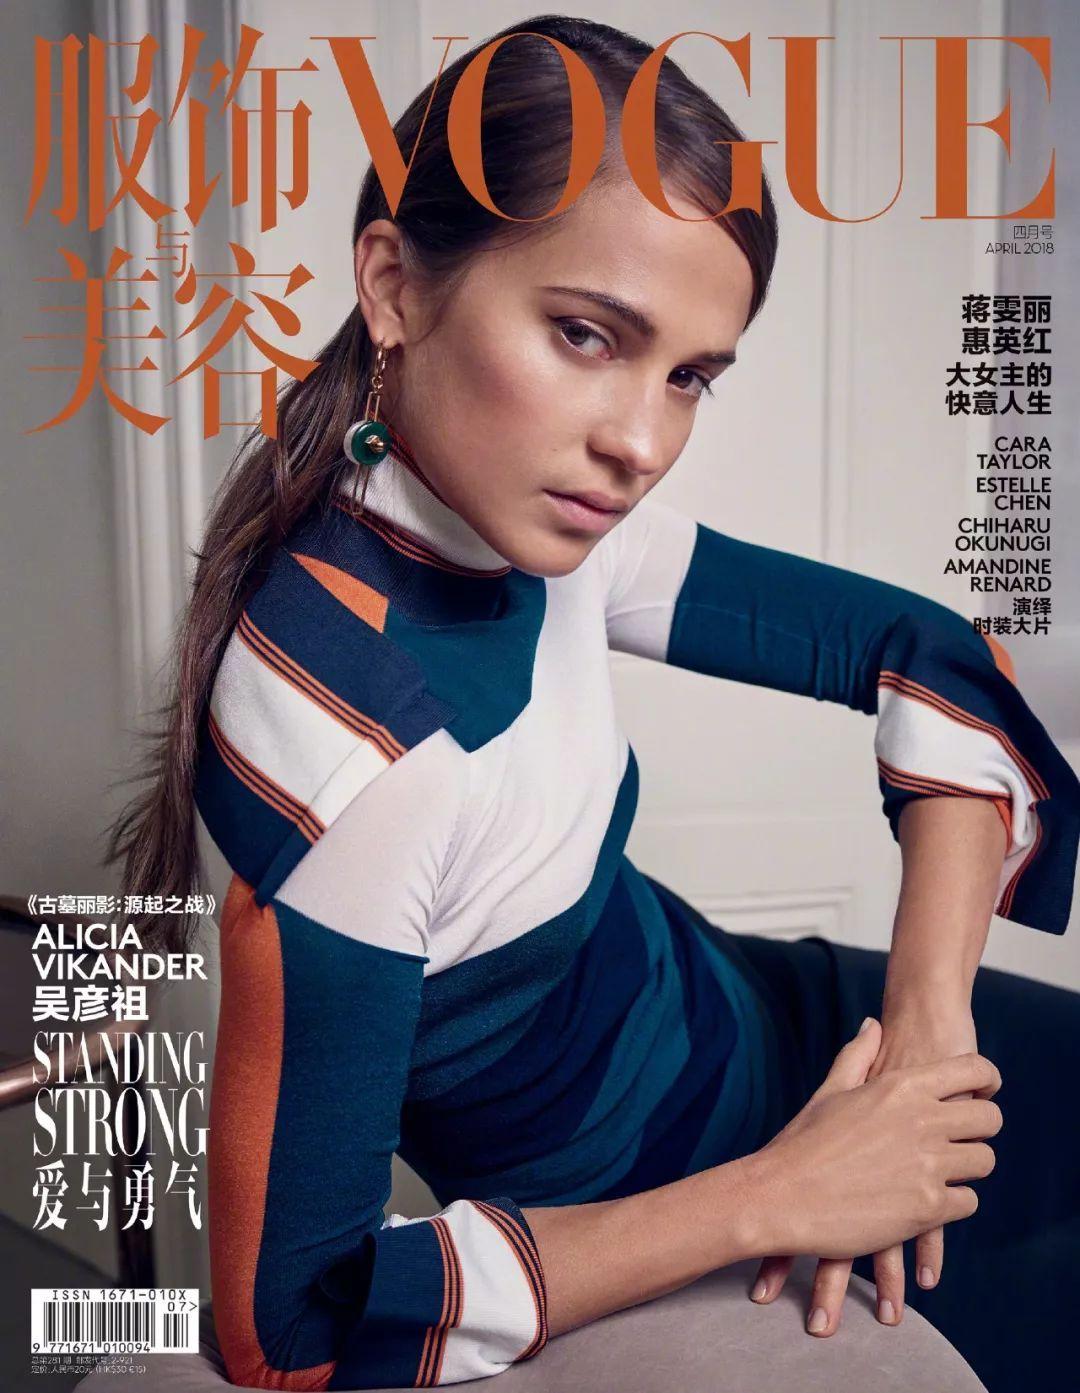 吴彦祖 易烊千玺 王源 刘昊然 吴磊   Vogue China 四月刊